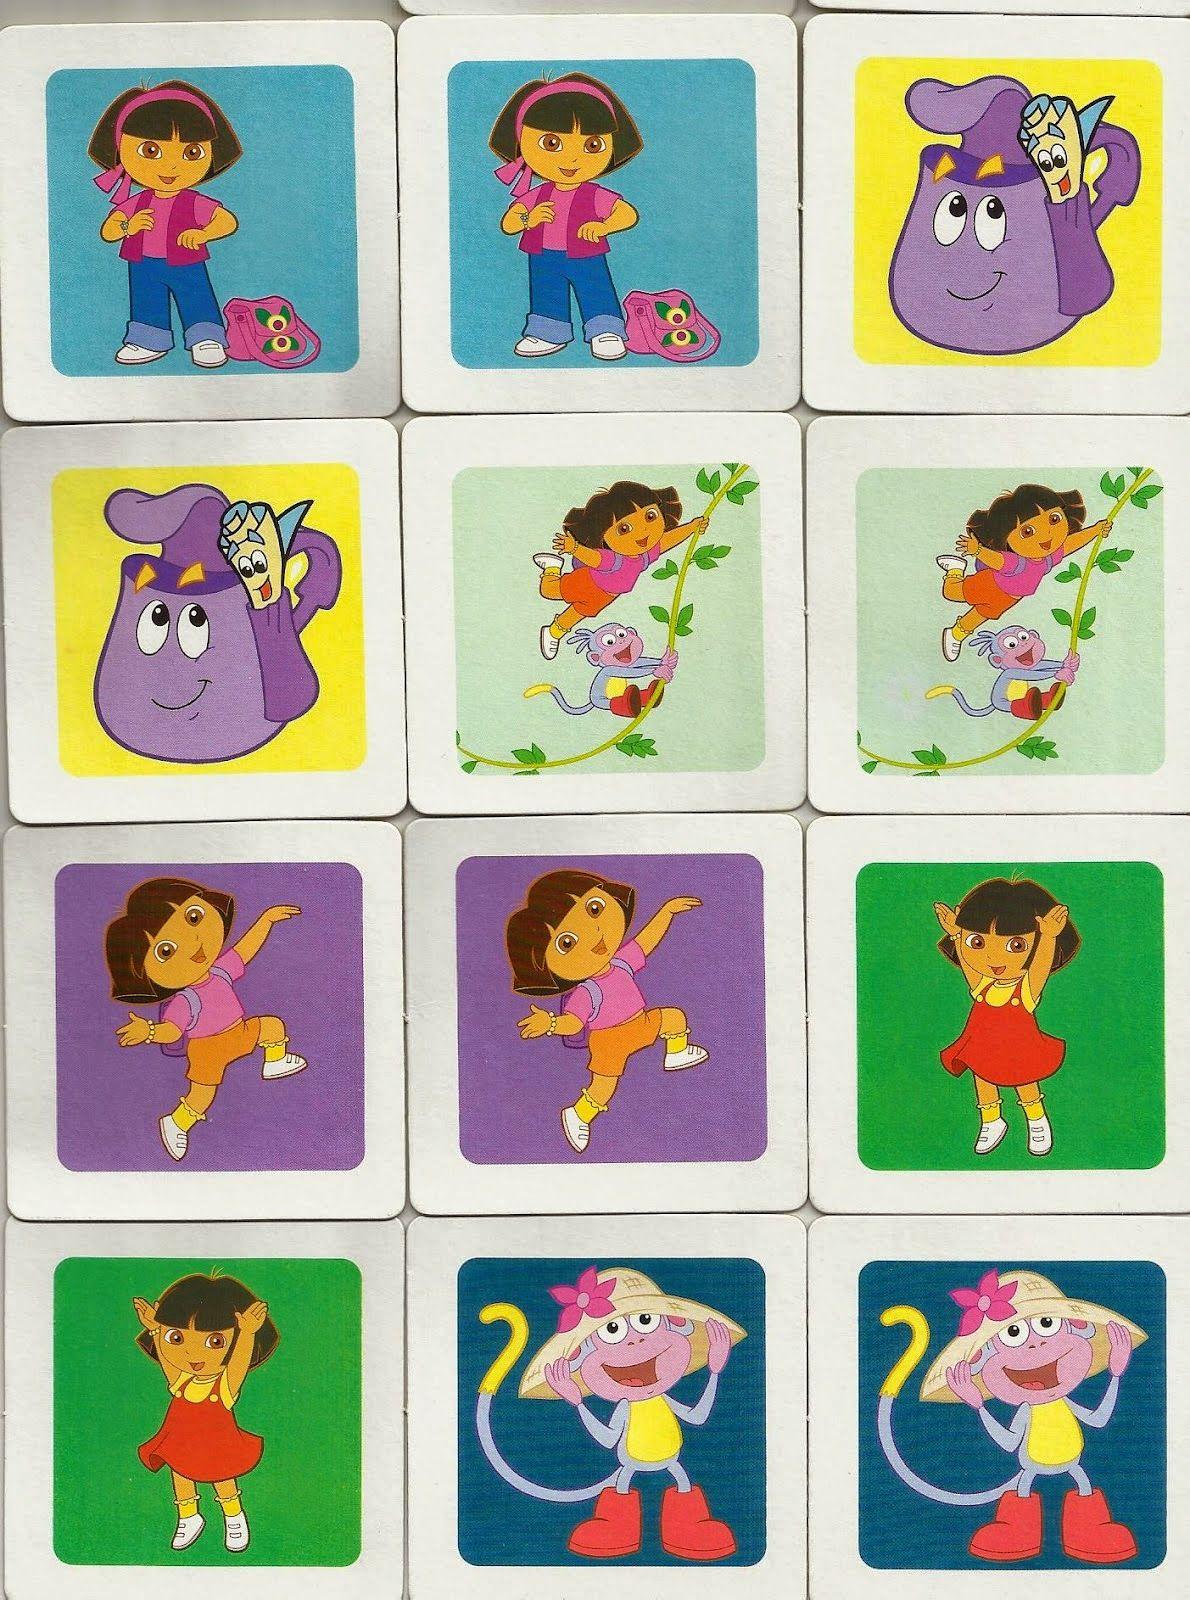 Atividades Para Colorir Infantil 10 Jogos Da Memoria Educativos